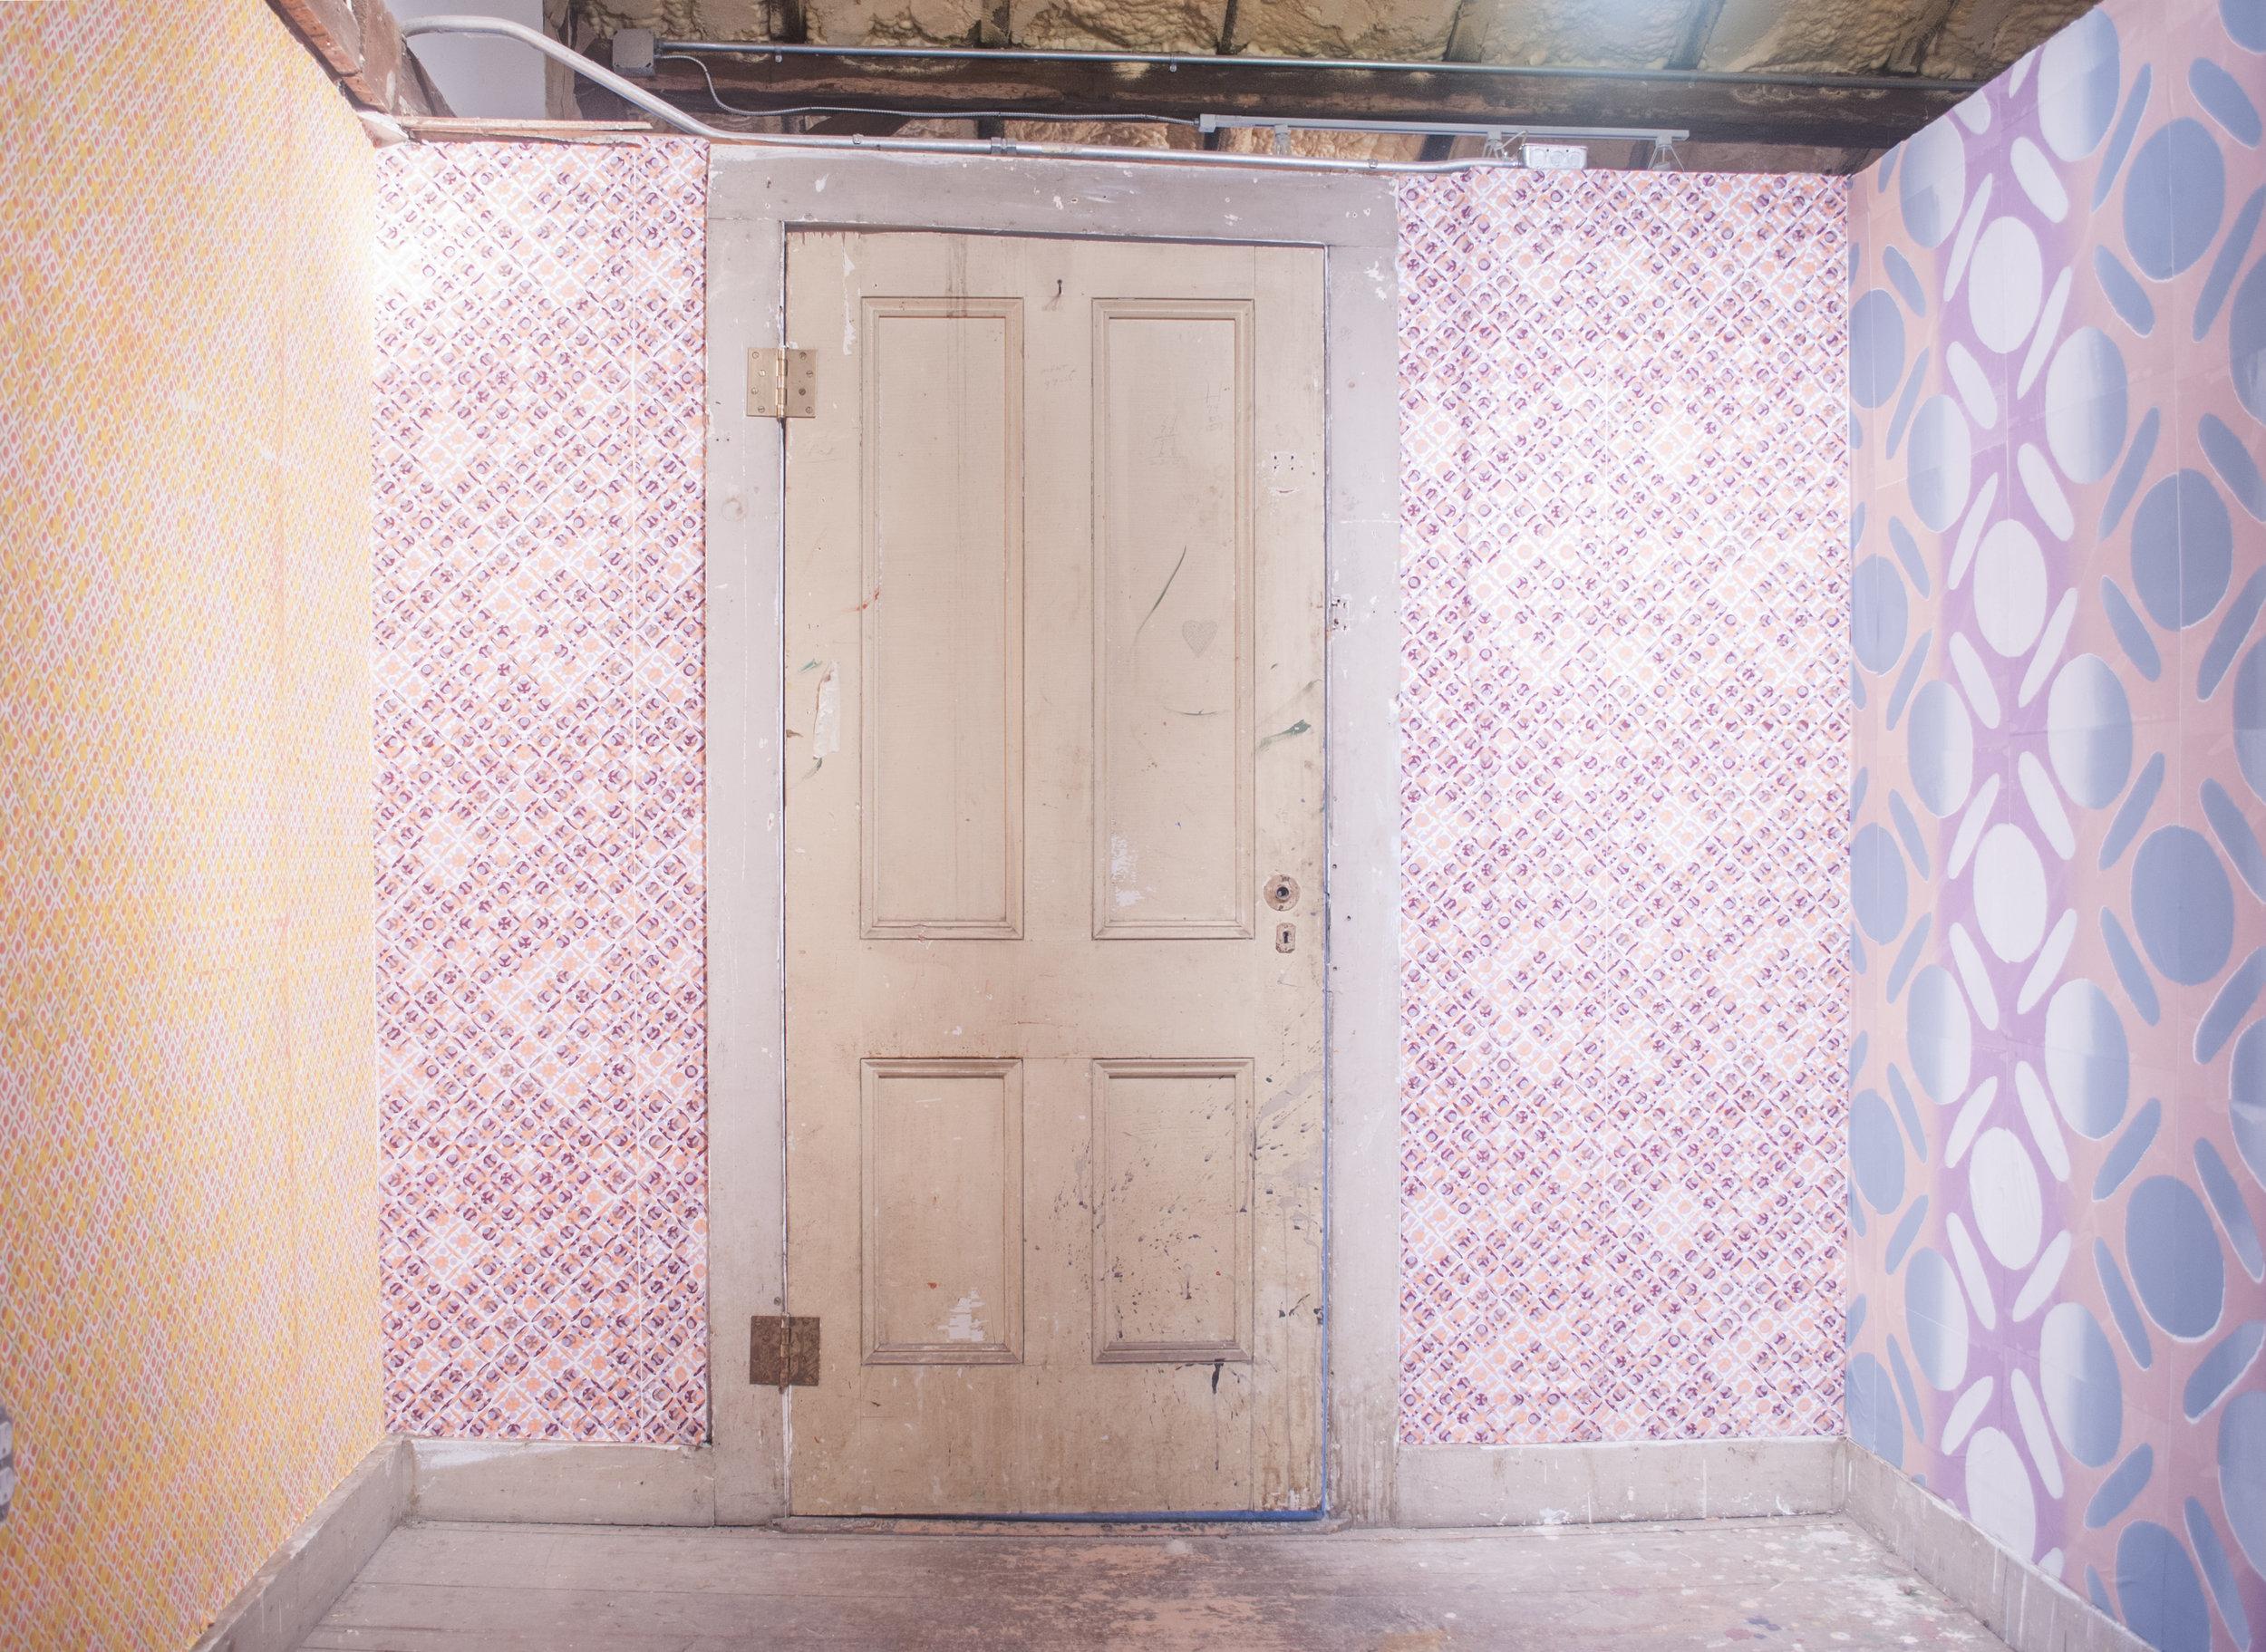 Wallpaper InstallationDoorShot2.jpg